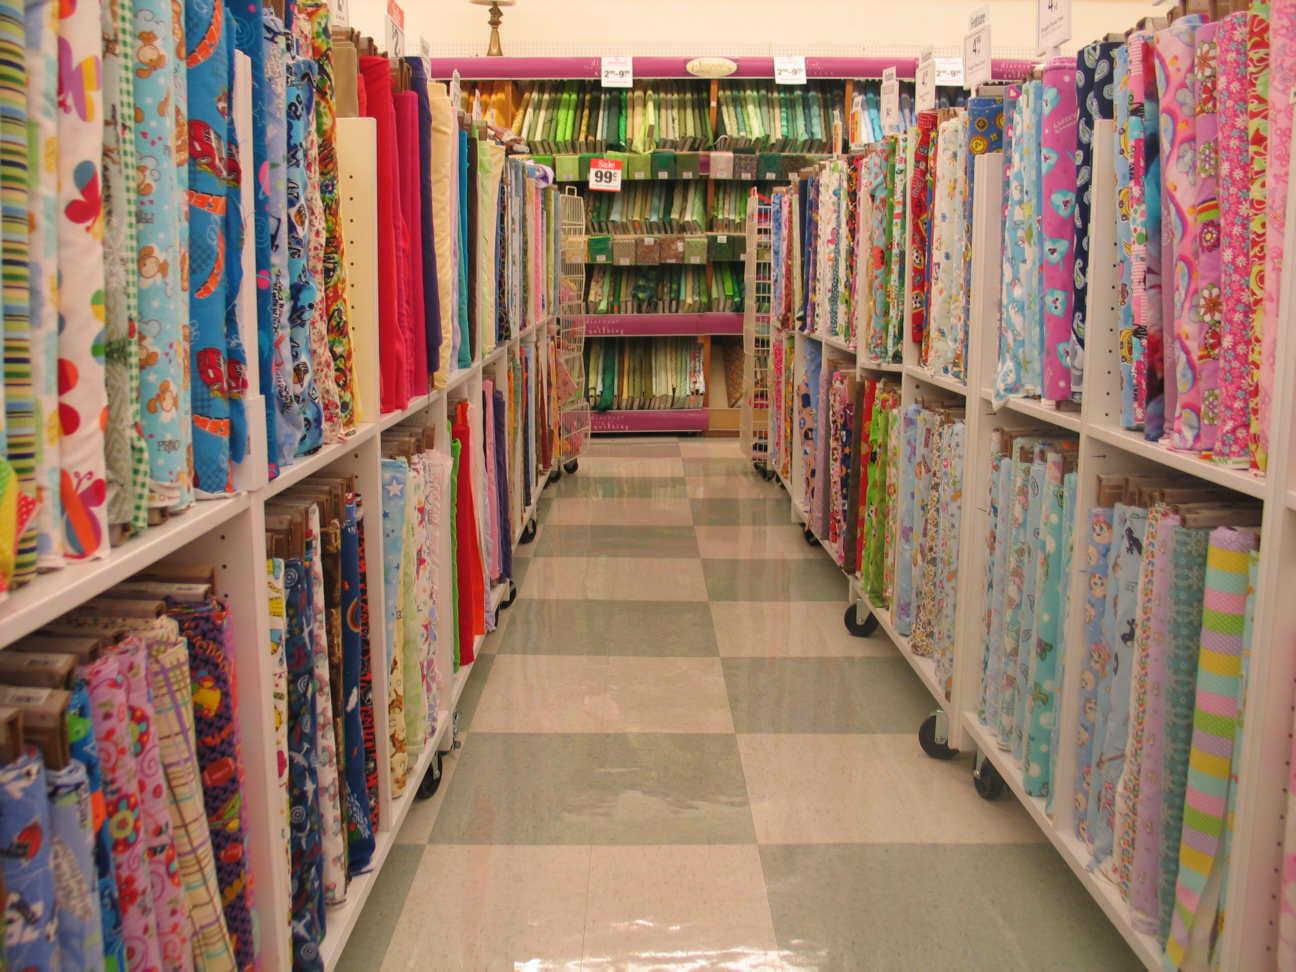 Joanns Craft Store Careers